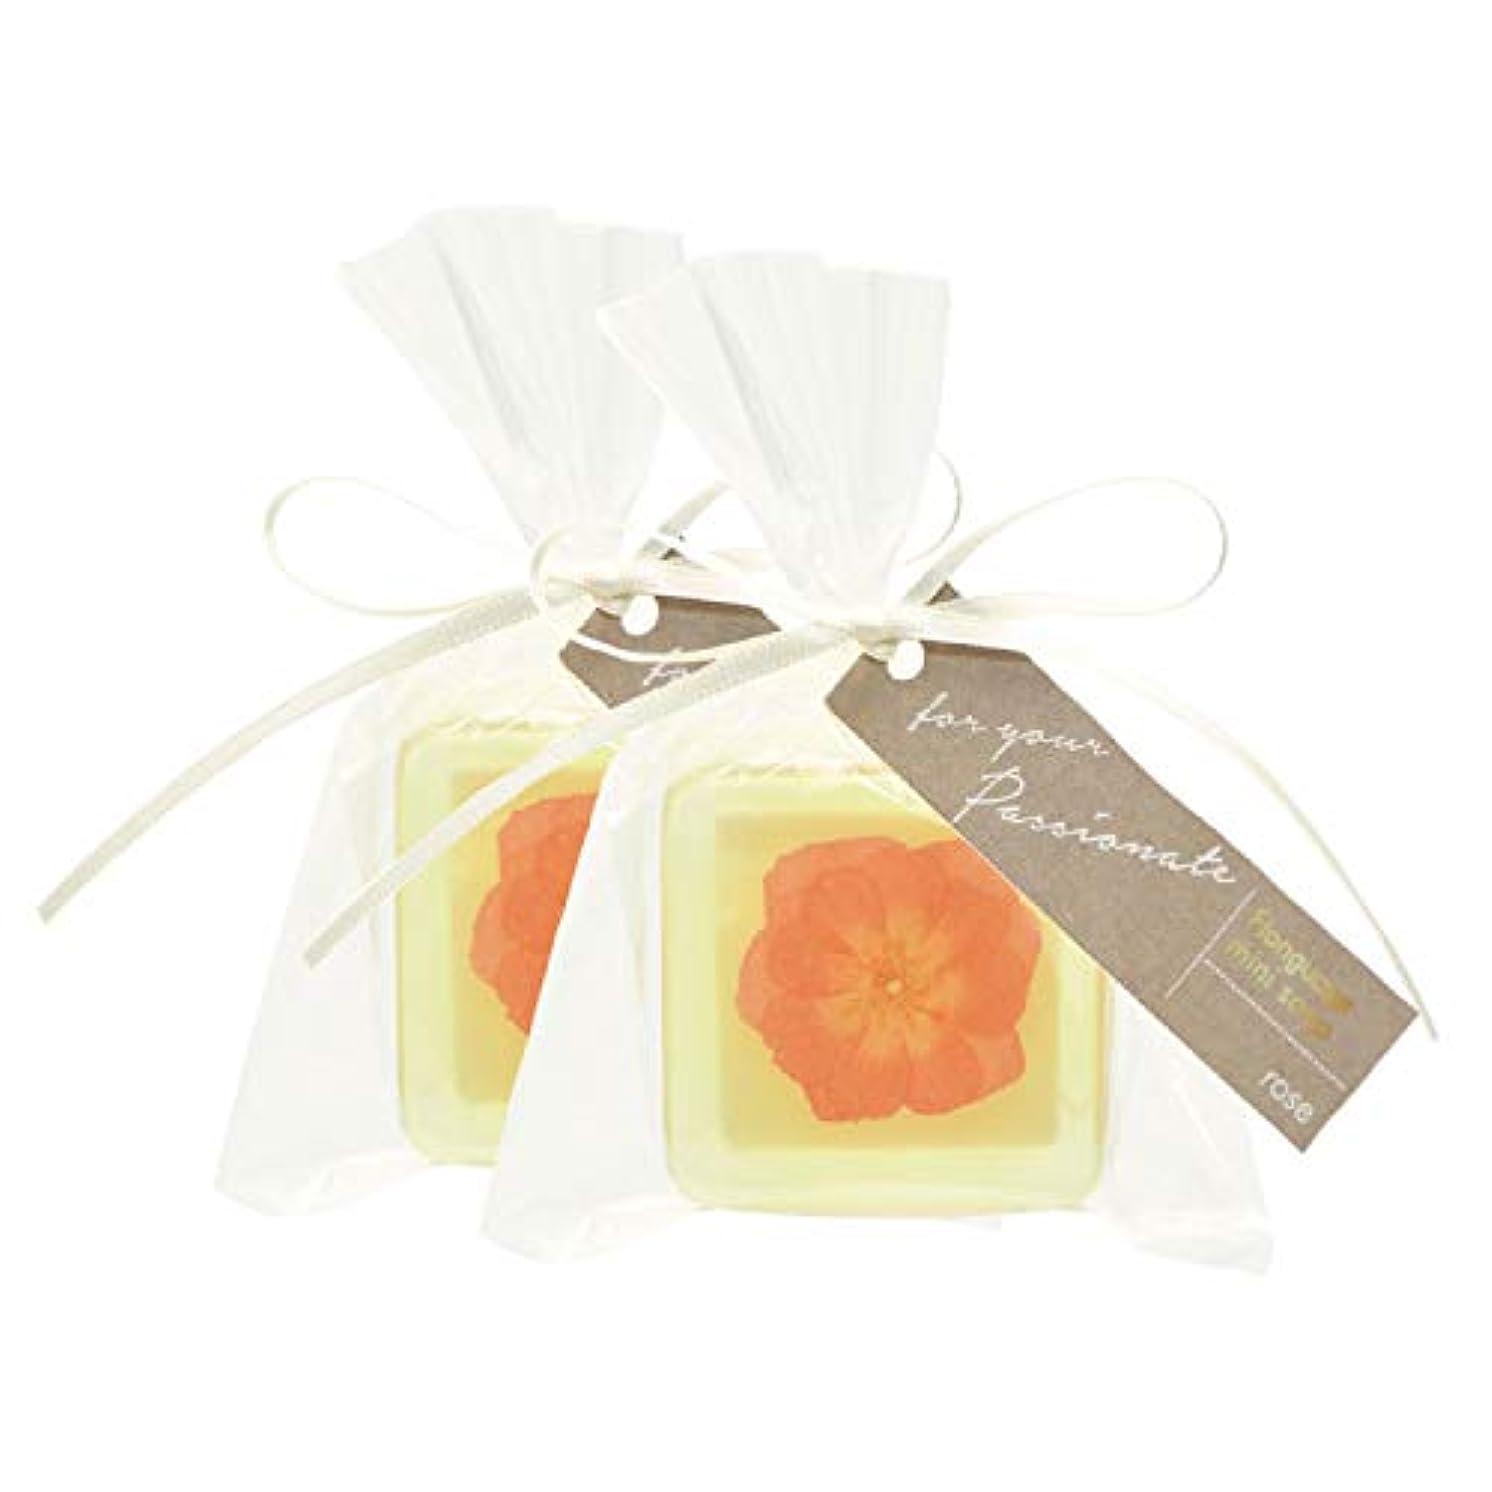 大人パッケージキルスノルコーポレーション 石けん フランゲージ ミニソープ 2個セット 柑橘の香り OB-FMS-1-2